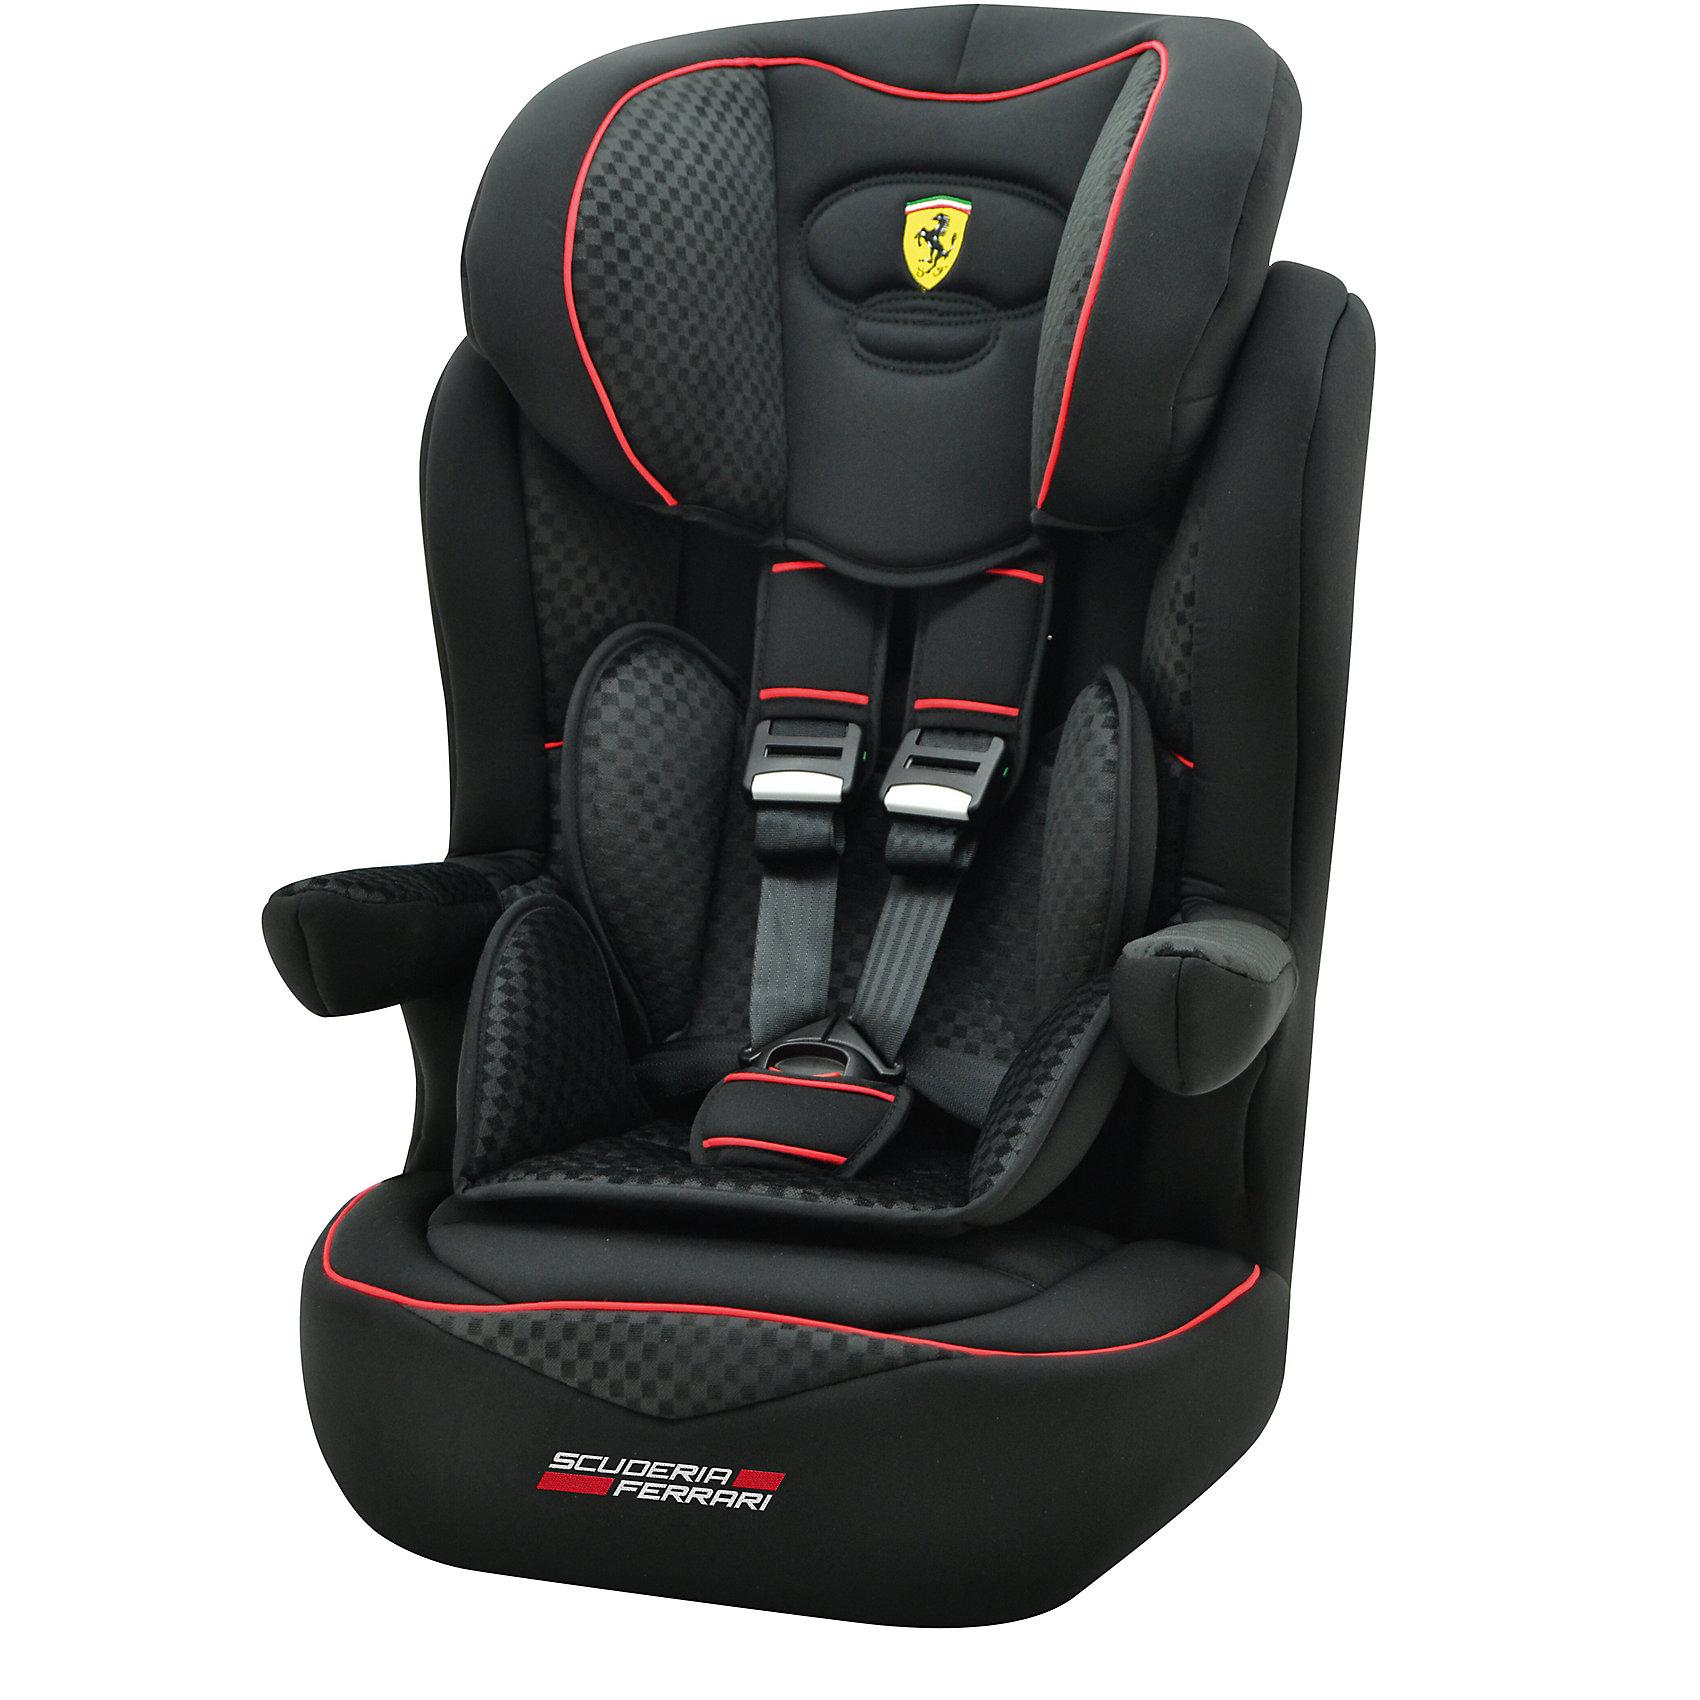 Автокресло Nania Imax SP, 9-36 кг, black FerrariГруппа 1-2-3 (От 9 до 36 кг)<br>Характеристики автокресла Nania Imax SP:<br><br>• группа 1-2-3;<br>• вес ребенка: 9-36 кг;<br>• возраст ребенка: от 9 месяцев до 12 лет;<br>• цельный литой корпус автокресла;<br>• способ установки: по ходу движения автомобиля;<br>• способ крепления: штатными ремнями безопасности автомобиля;<br>• 5-ти точечные ремни безопасности с мягкими накладками, регулируются по высоте (3 положения) и длине;<br>• ремни безопасности можно полностью снять, когда малыш подрастет - тогда ребенка можно будет пристегивать штатными ремнями безопасности;<br>• имеются подлокотники, которые регулируются по высоте;<br>• регулируемая высота подголовника: 6 уровней;<br>• дополнительная защита от боковых ударов, система SP (side protection);<br>• съемные чехлы, стирка при температуре 30 градусов;<br>• материал: пластик, полиэстер;<br>• стандарт безопасности: ЕСЕ R44/04.<br><br>Размер автокресла: 45x45x72/88 см<br>Размер сиденья: 32х40 см<br>Высота спинки: 64-75 см<br>Вес автокресла: 4,7 кг<br><br>Автокресло Imax SP, 9-36 кг., Nania, black Ferrari можно купить в нашем интернет-магазине.<br><br>Ширина мм: 450<br>Глубина мм: 450<br>Высота мм: 880<br>Вес г: 4700<br>Возраст от месяцев: 12<br>Возраст до месяцев: 144<br>Пол: Унисекс<br>Возраст: Детский<br>SKU: 5350605